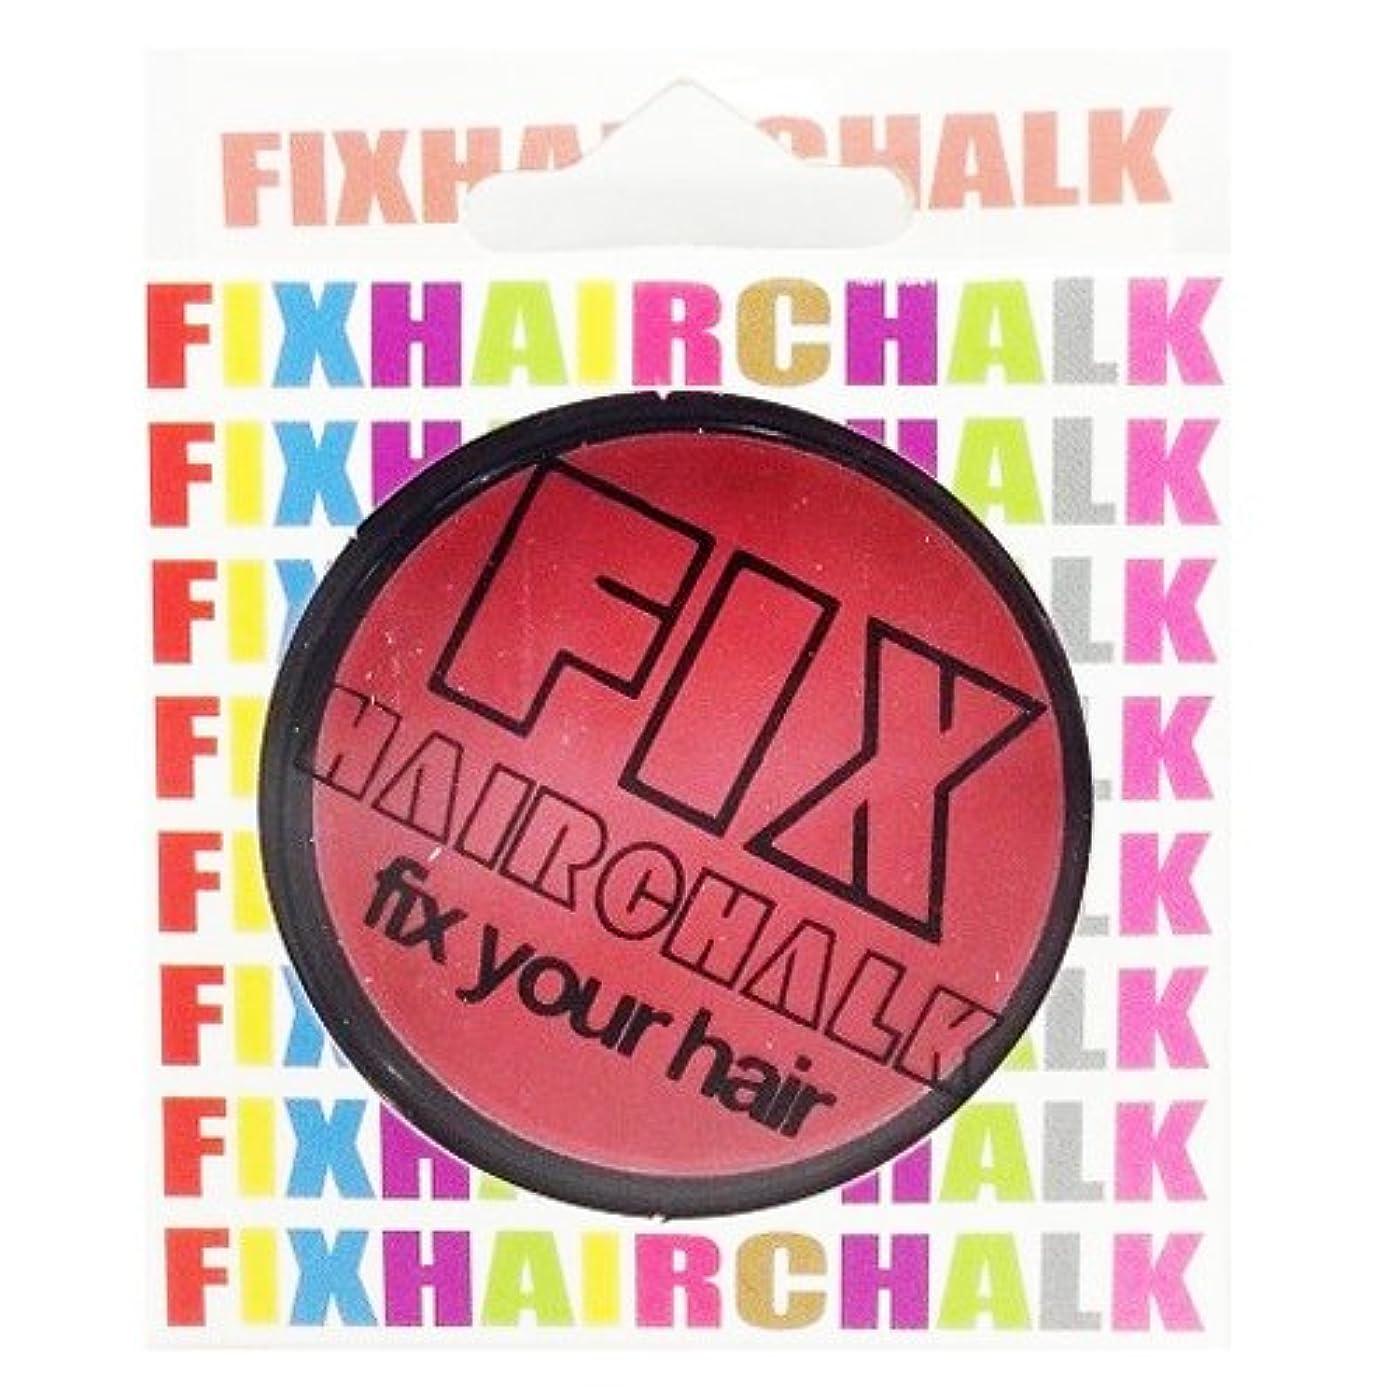 アリスより良い変換FIX ヘアチョーク ピーチピンク 3.5g